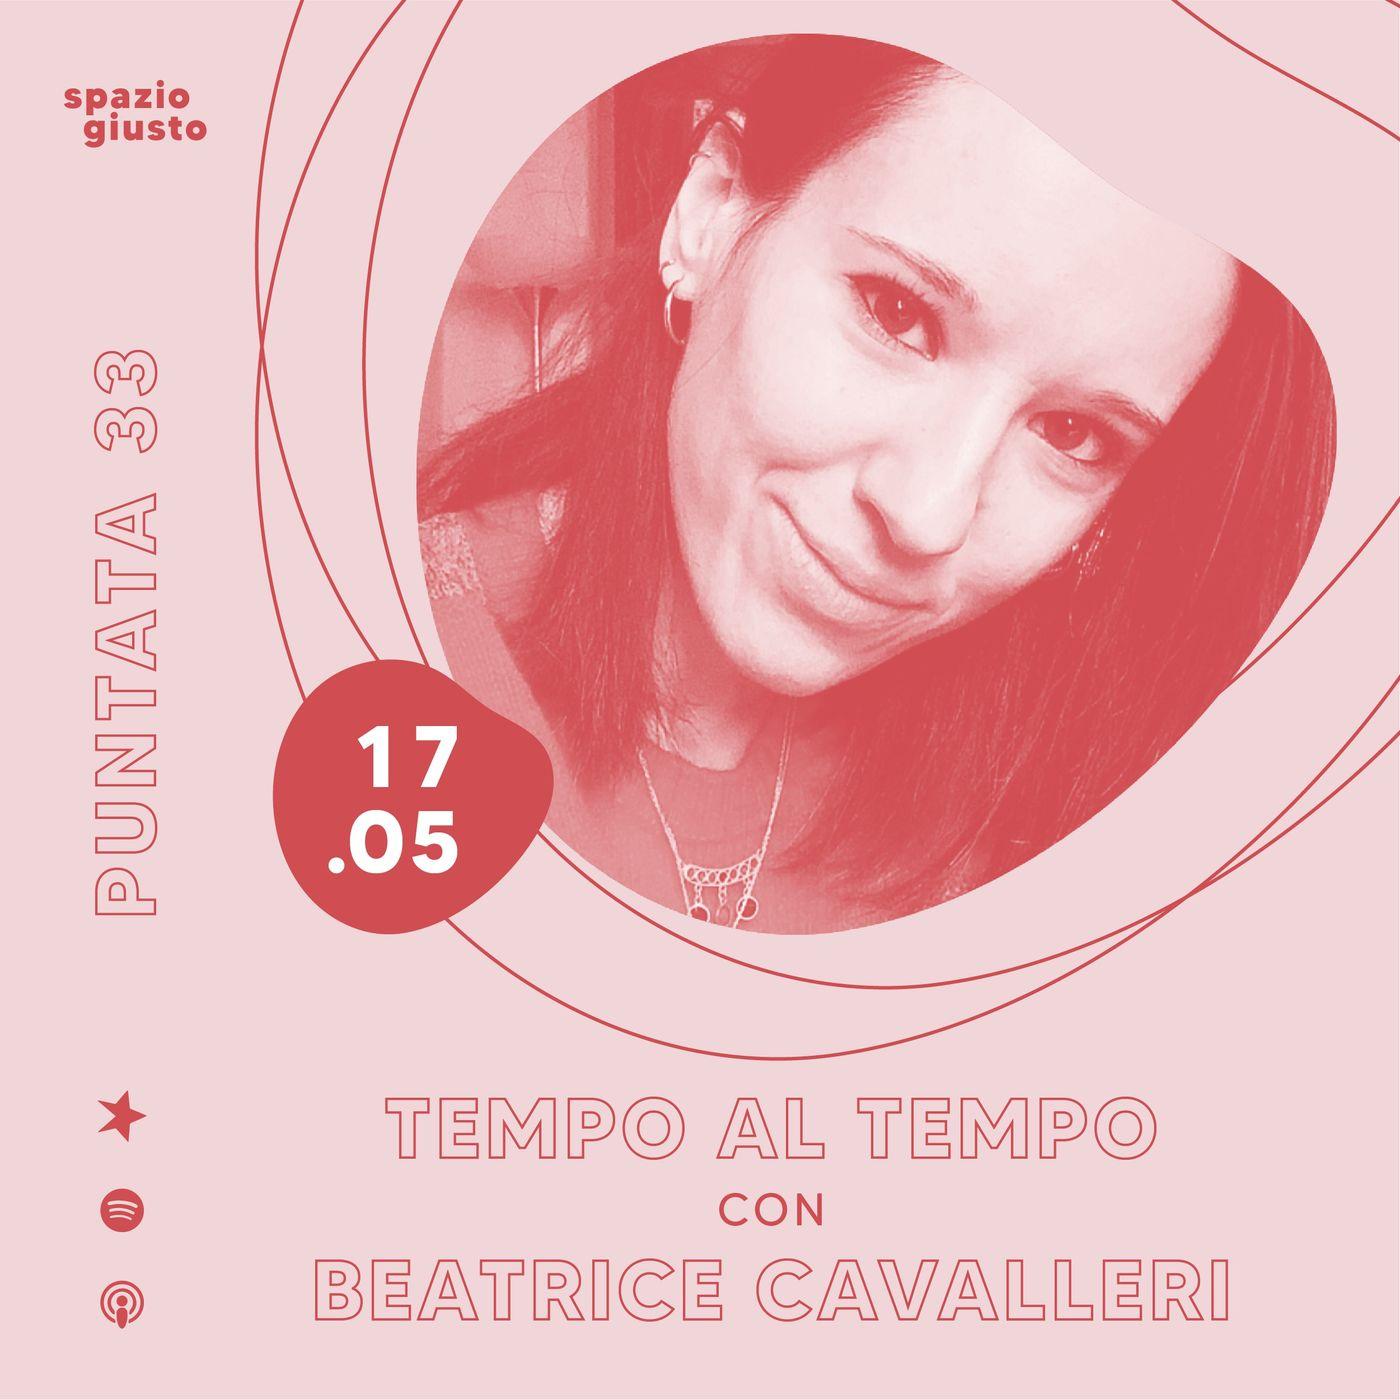 Puntata 33 - Tempo al tempo: l'importanza di dare un valore alle nostre ore con Beatrice Cavalleri